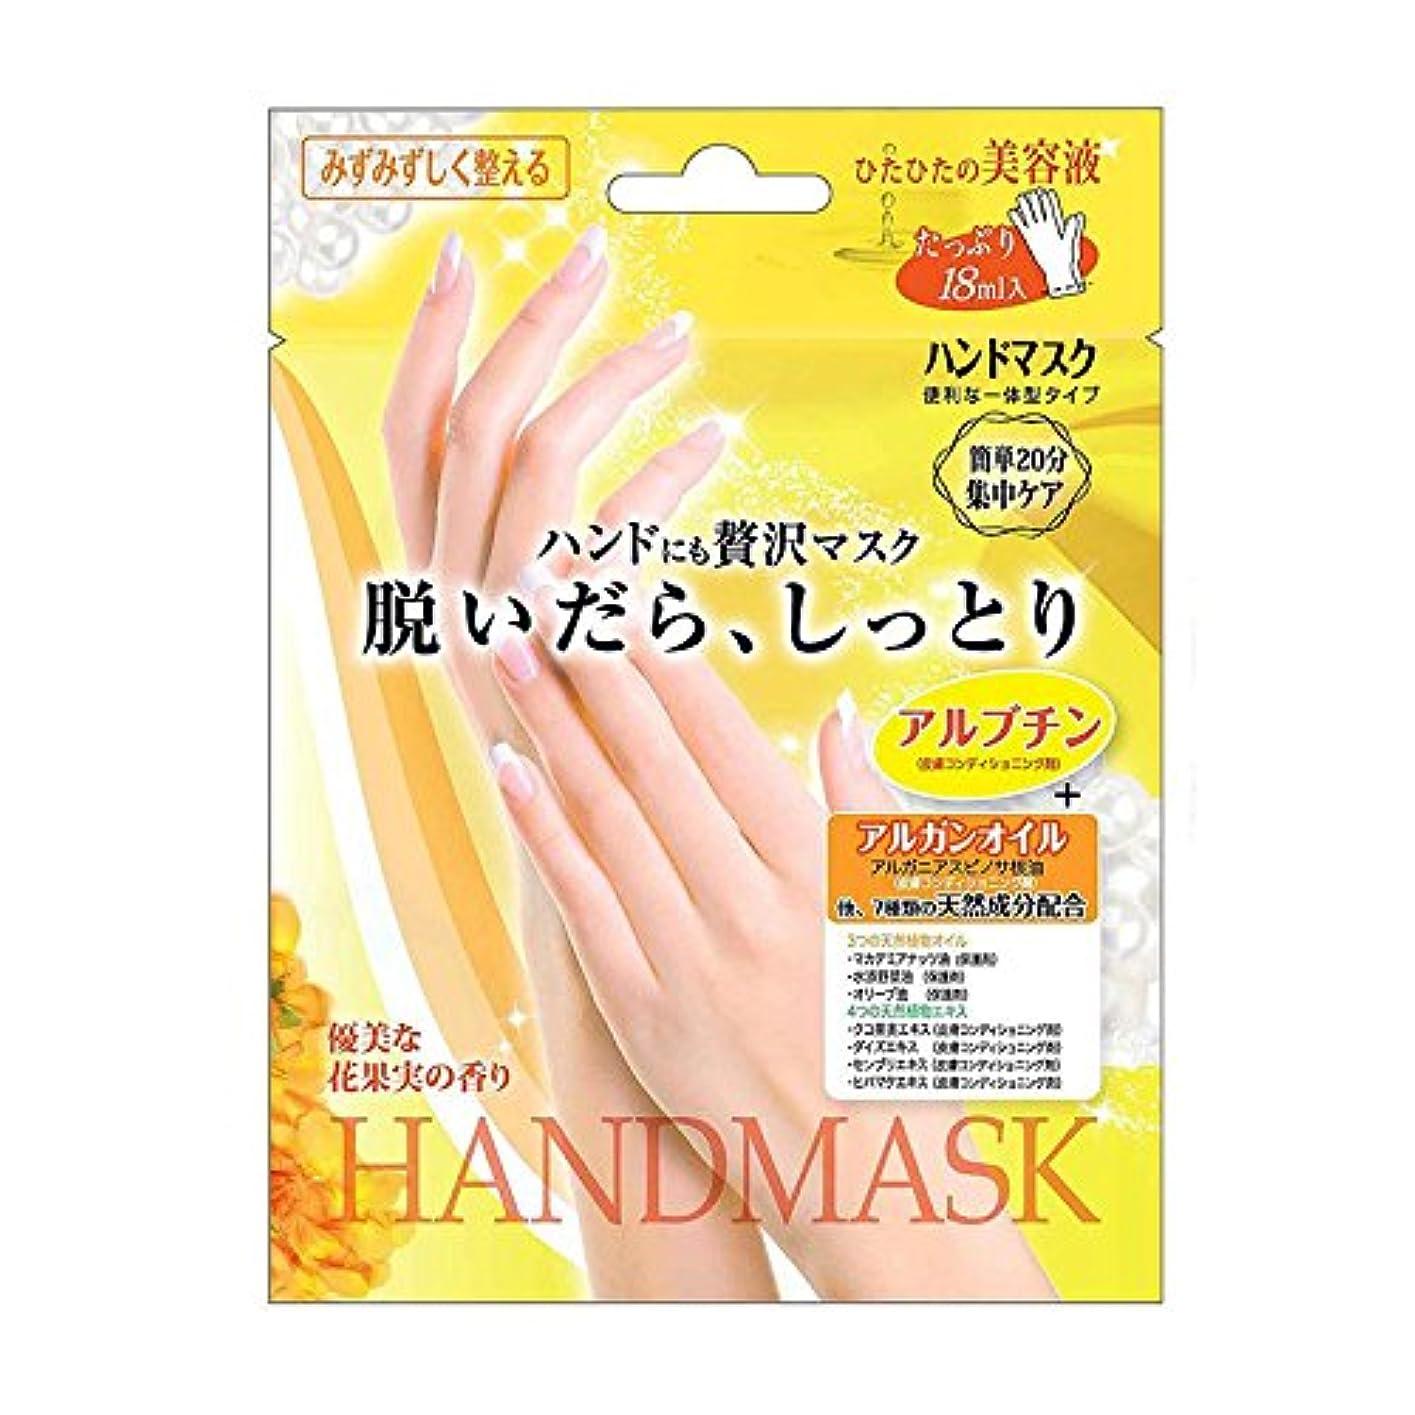 操作可能事前に険しいビューティーワールド ハンドにも贅沢マスク 脱いだら、しっとりハンドマスク 6個セット